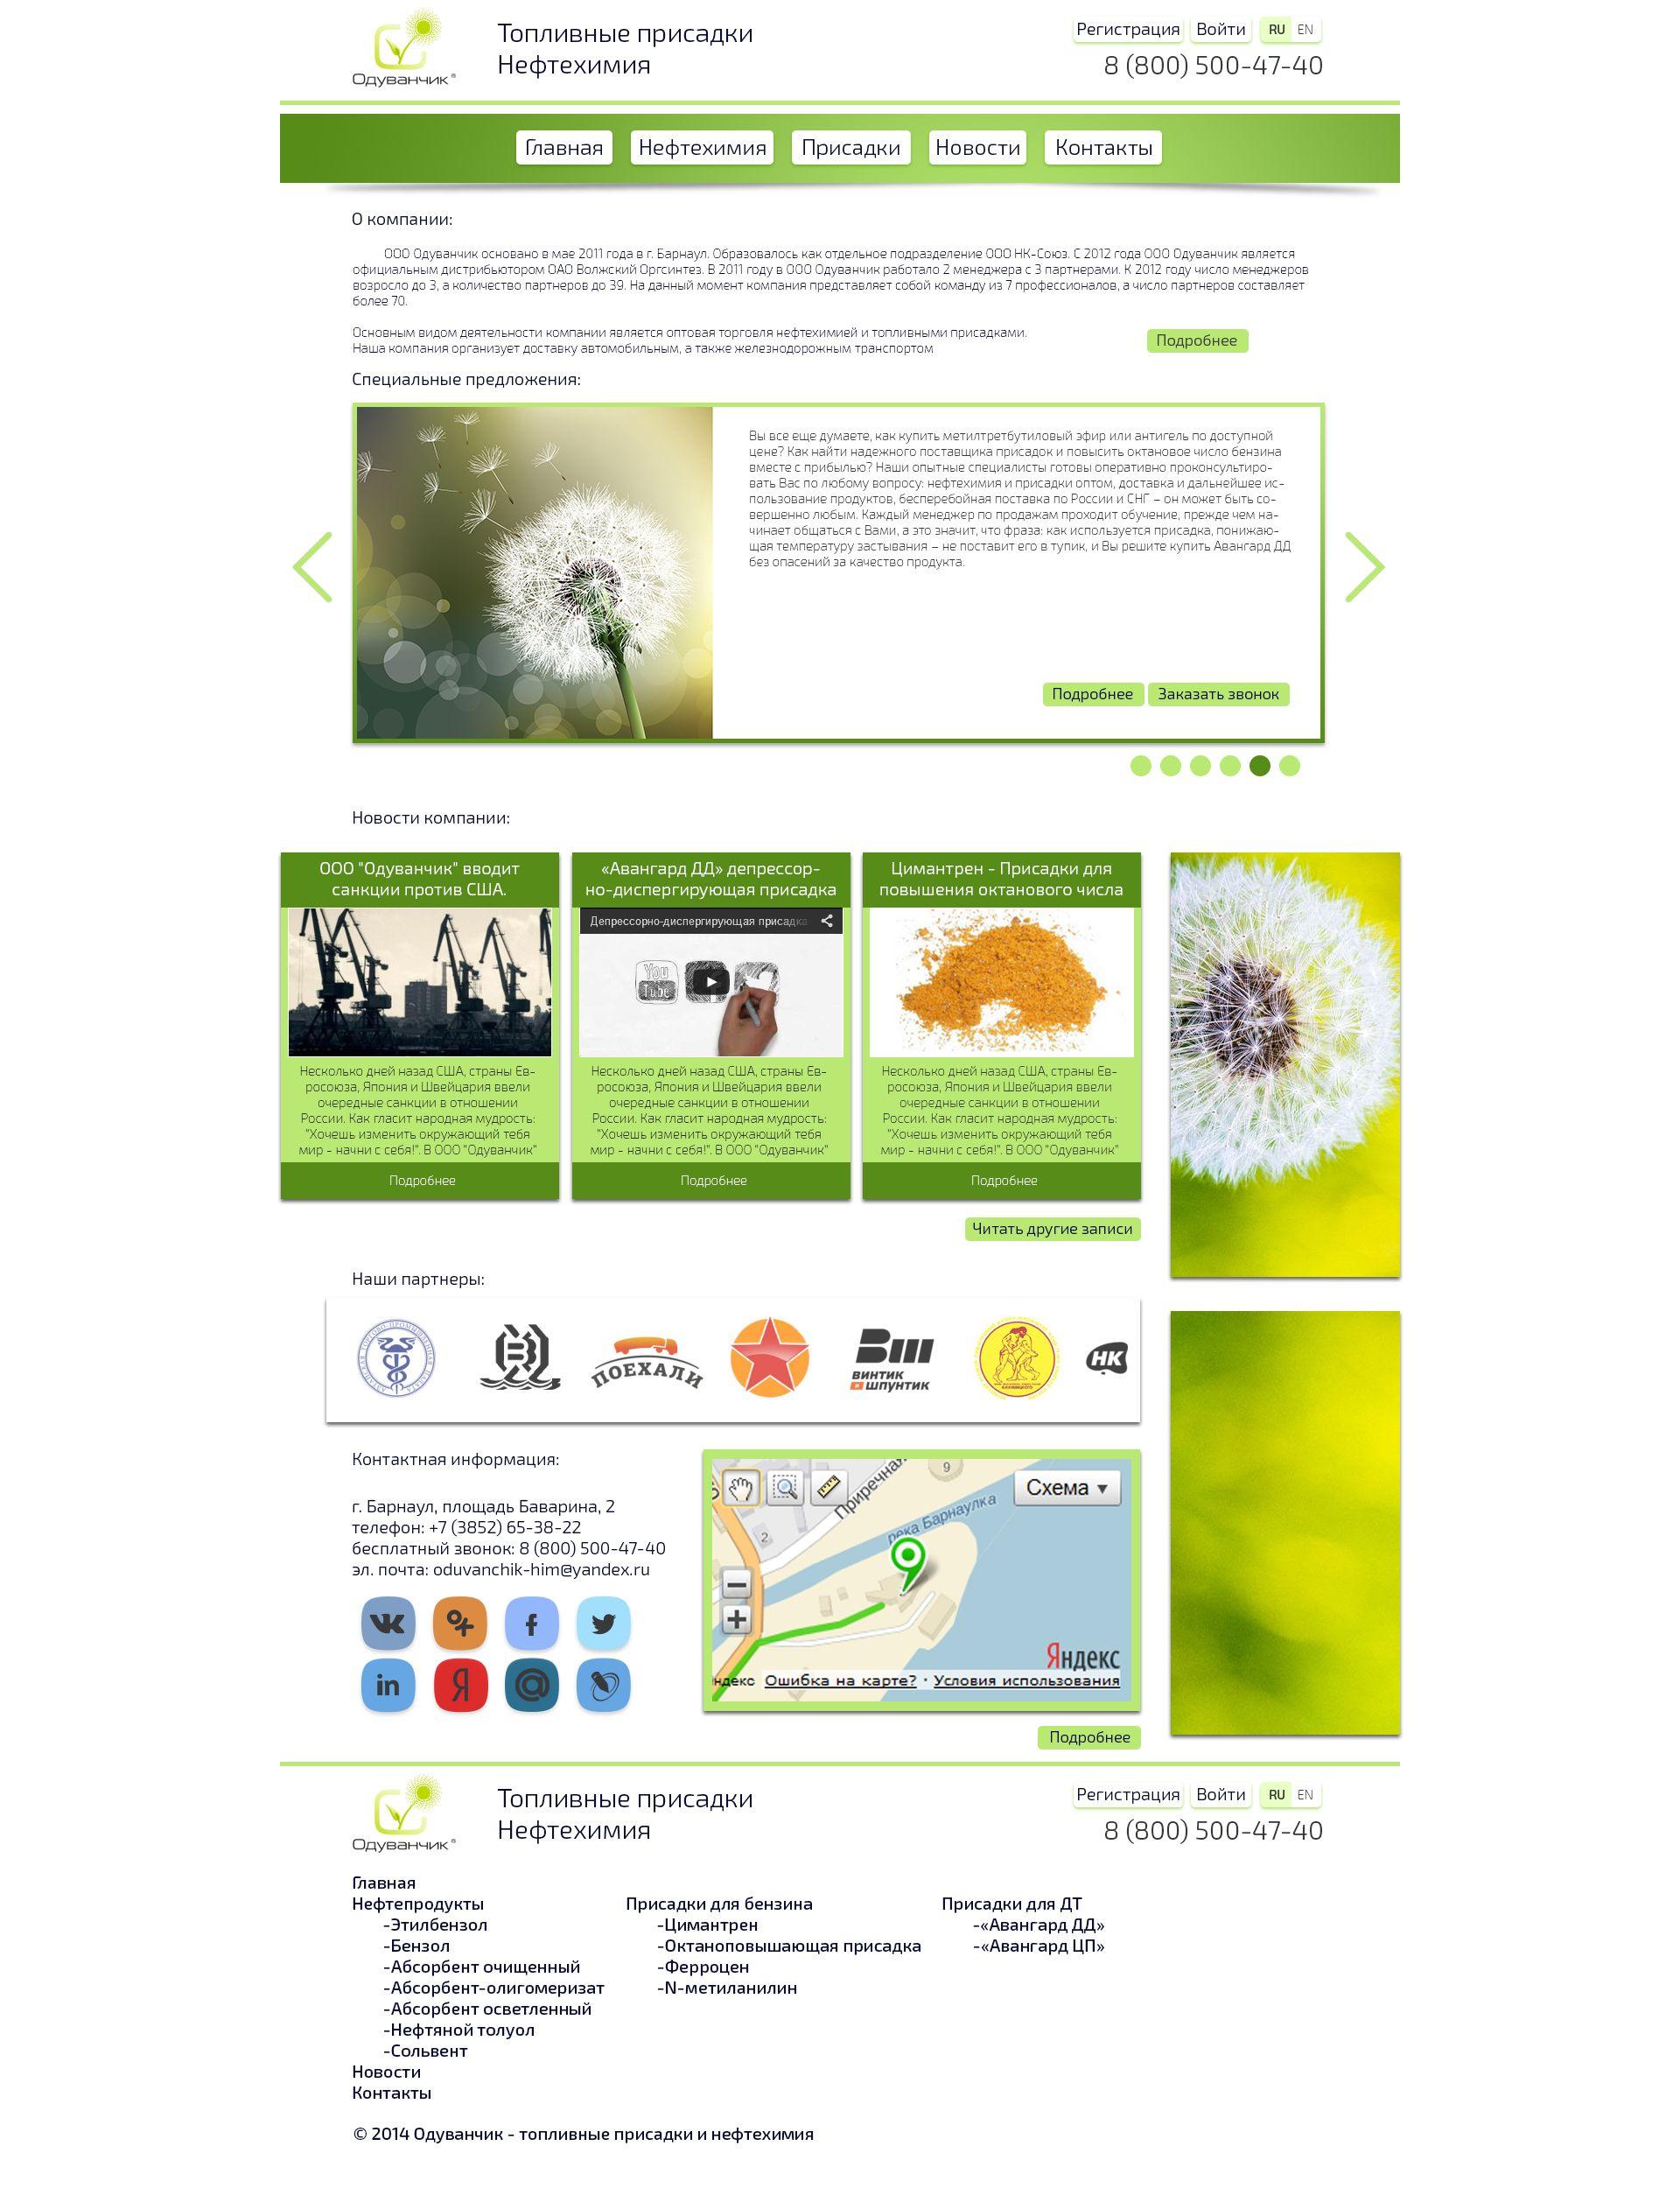 Редизайн сайта ООО